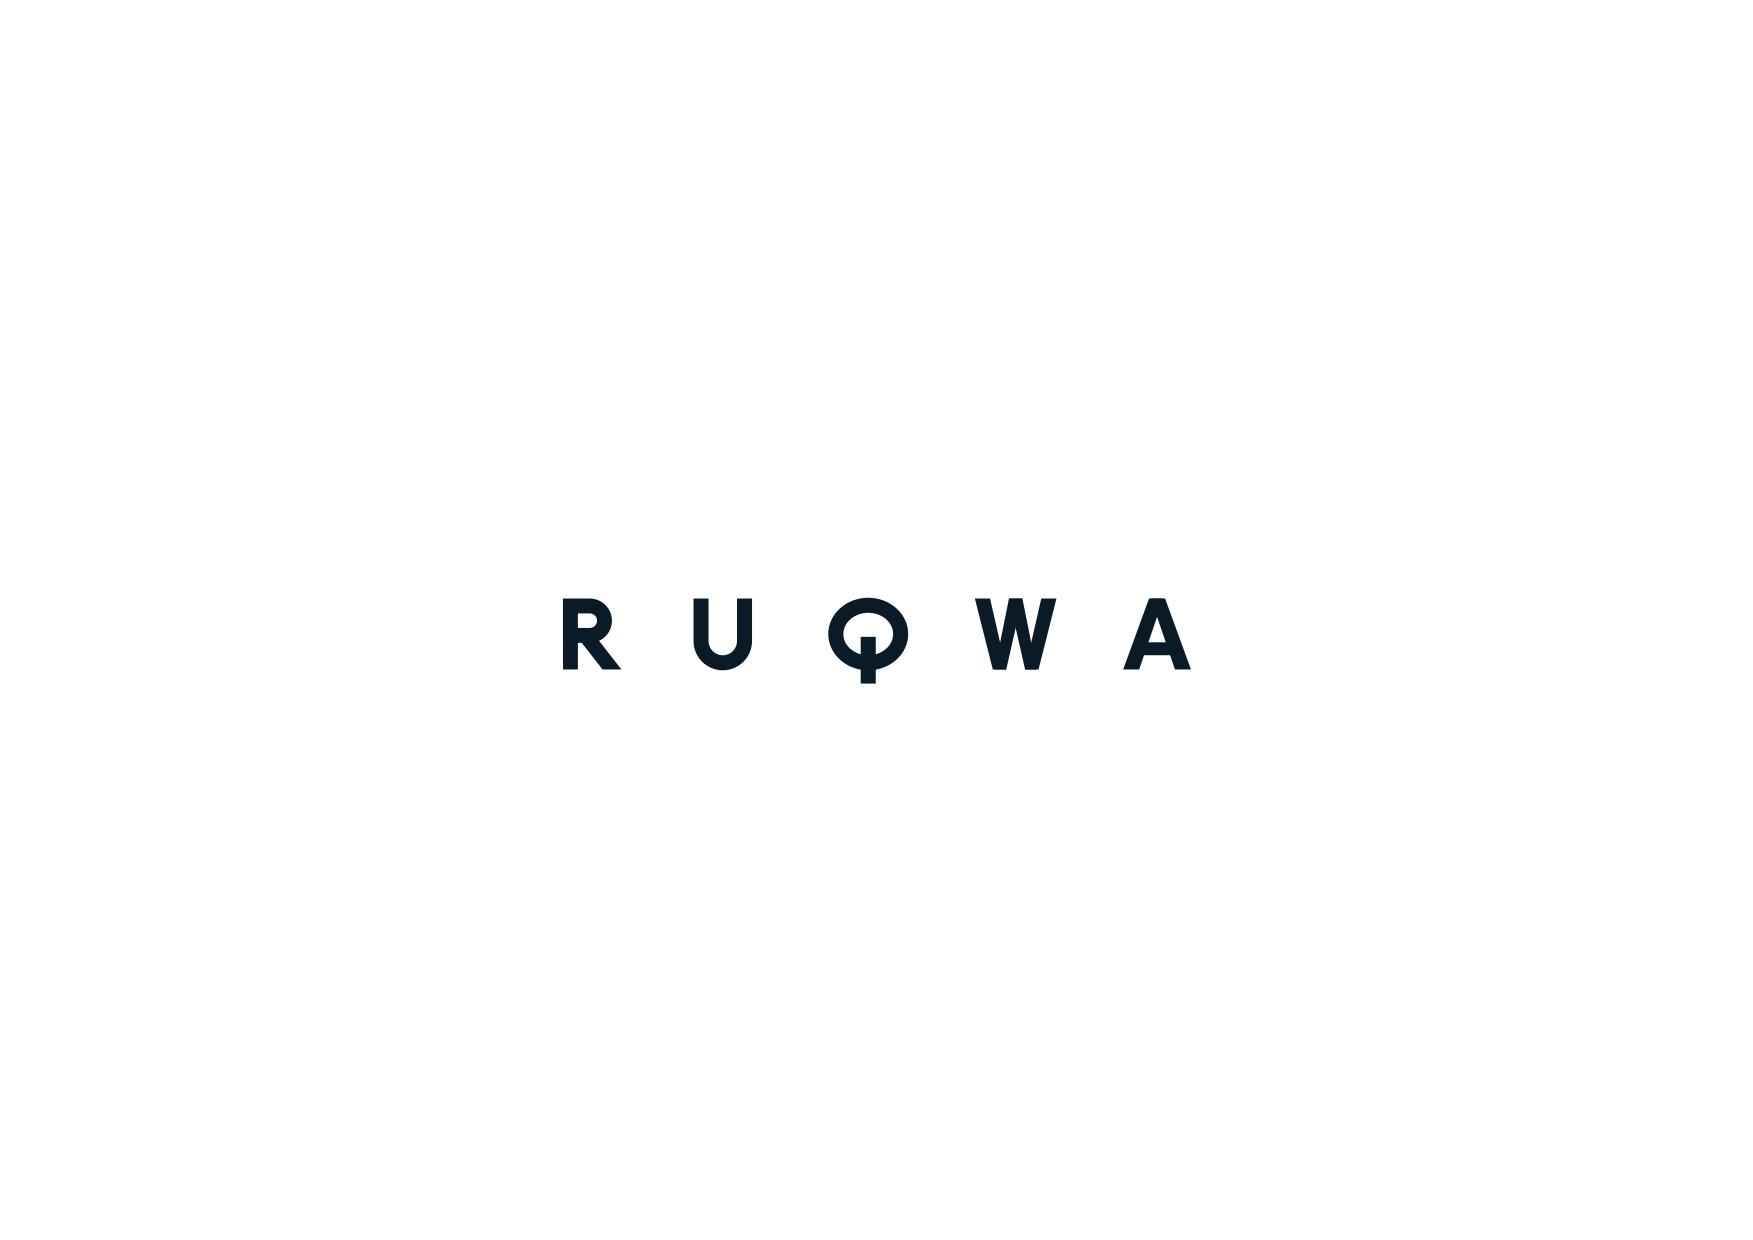 ruqwa_logo_0916_4.jpg